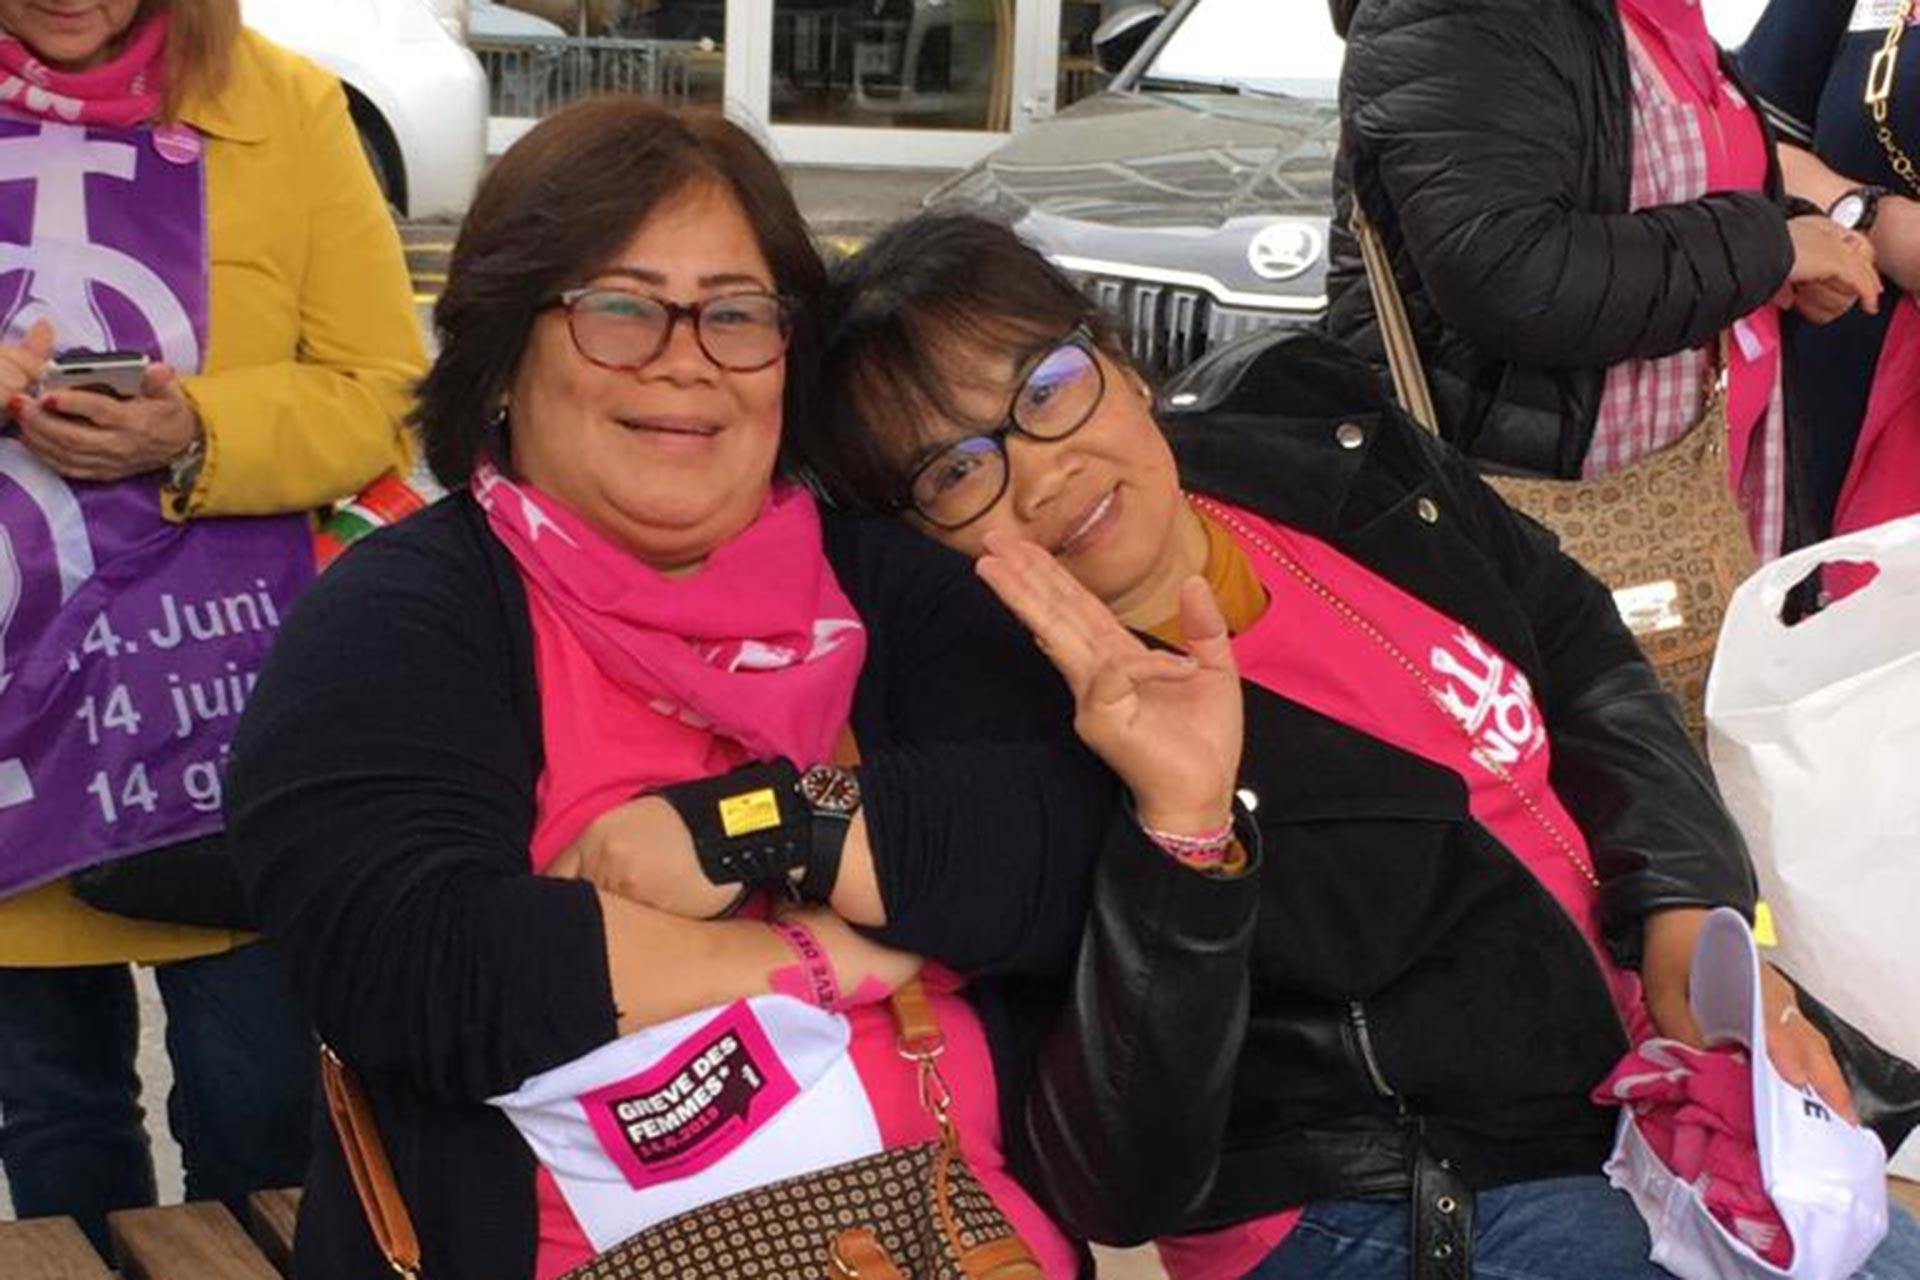 İsviçre'de kadınlar 28 yıl sonra eşitlik için grev yapıyor